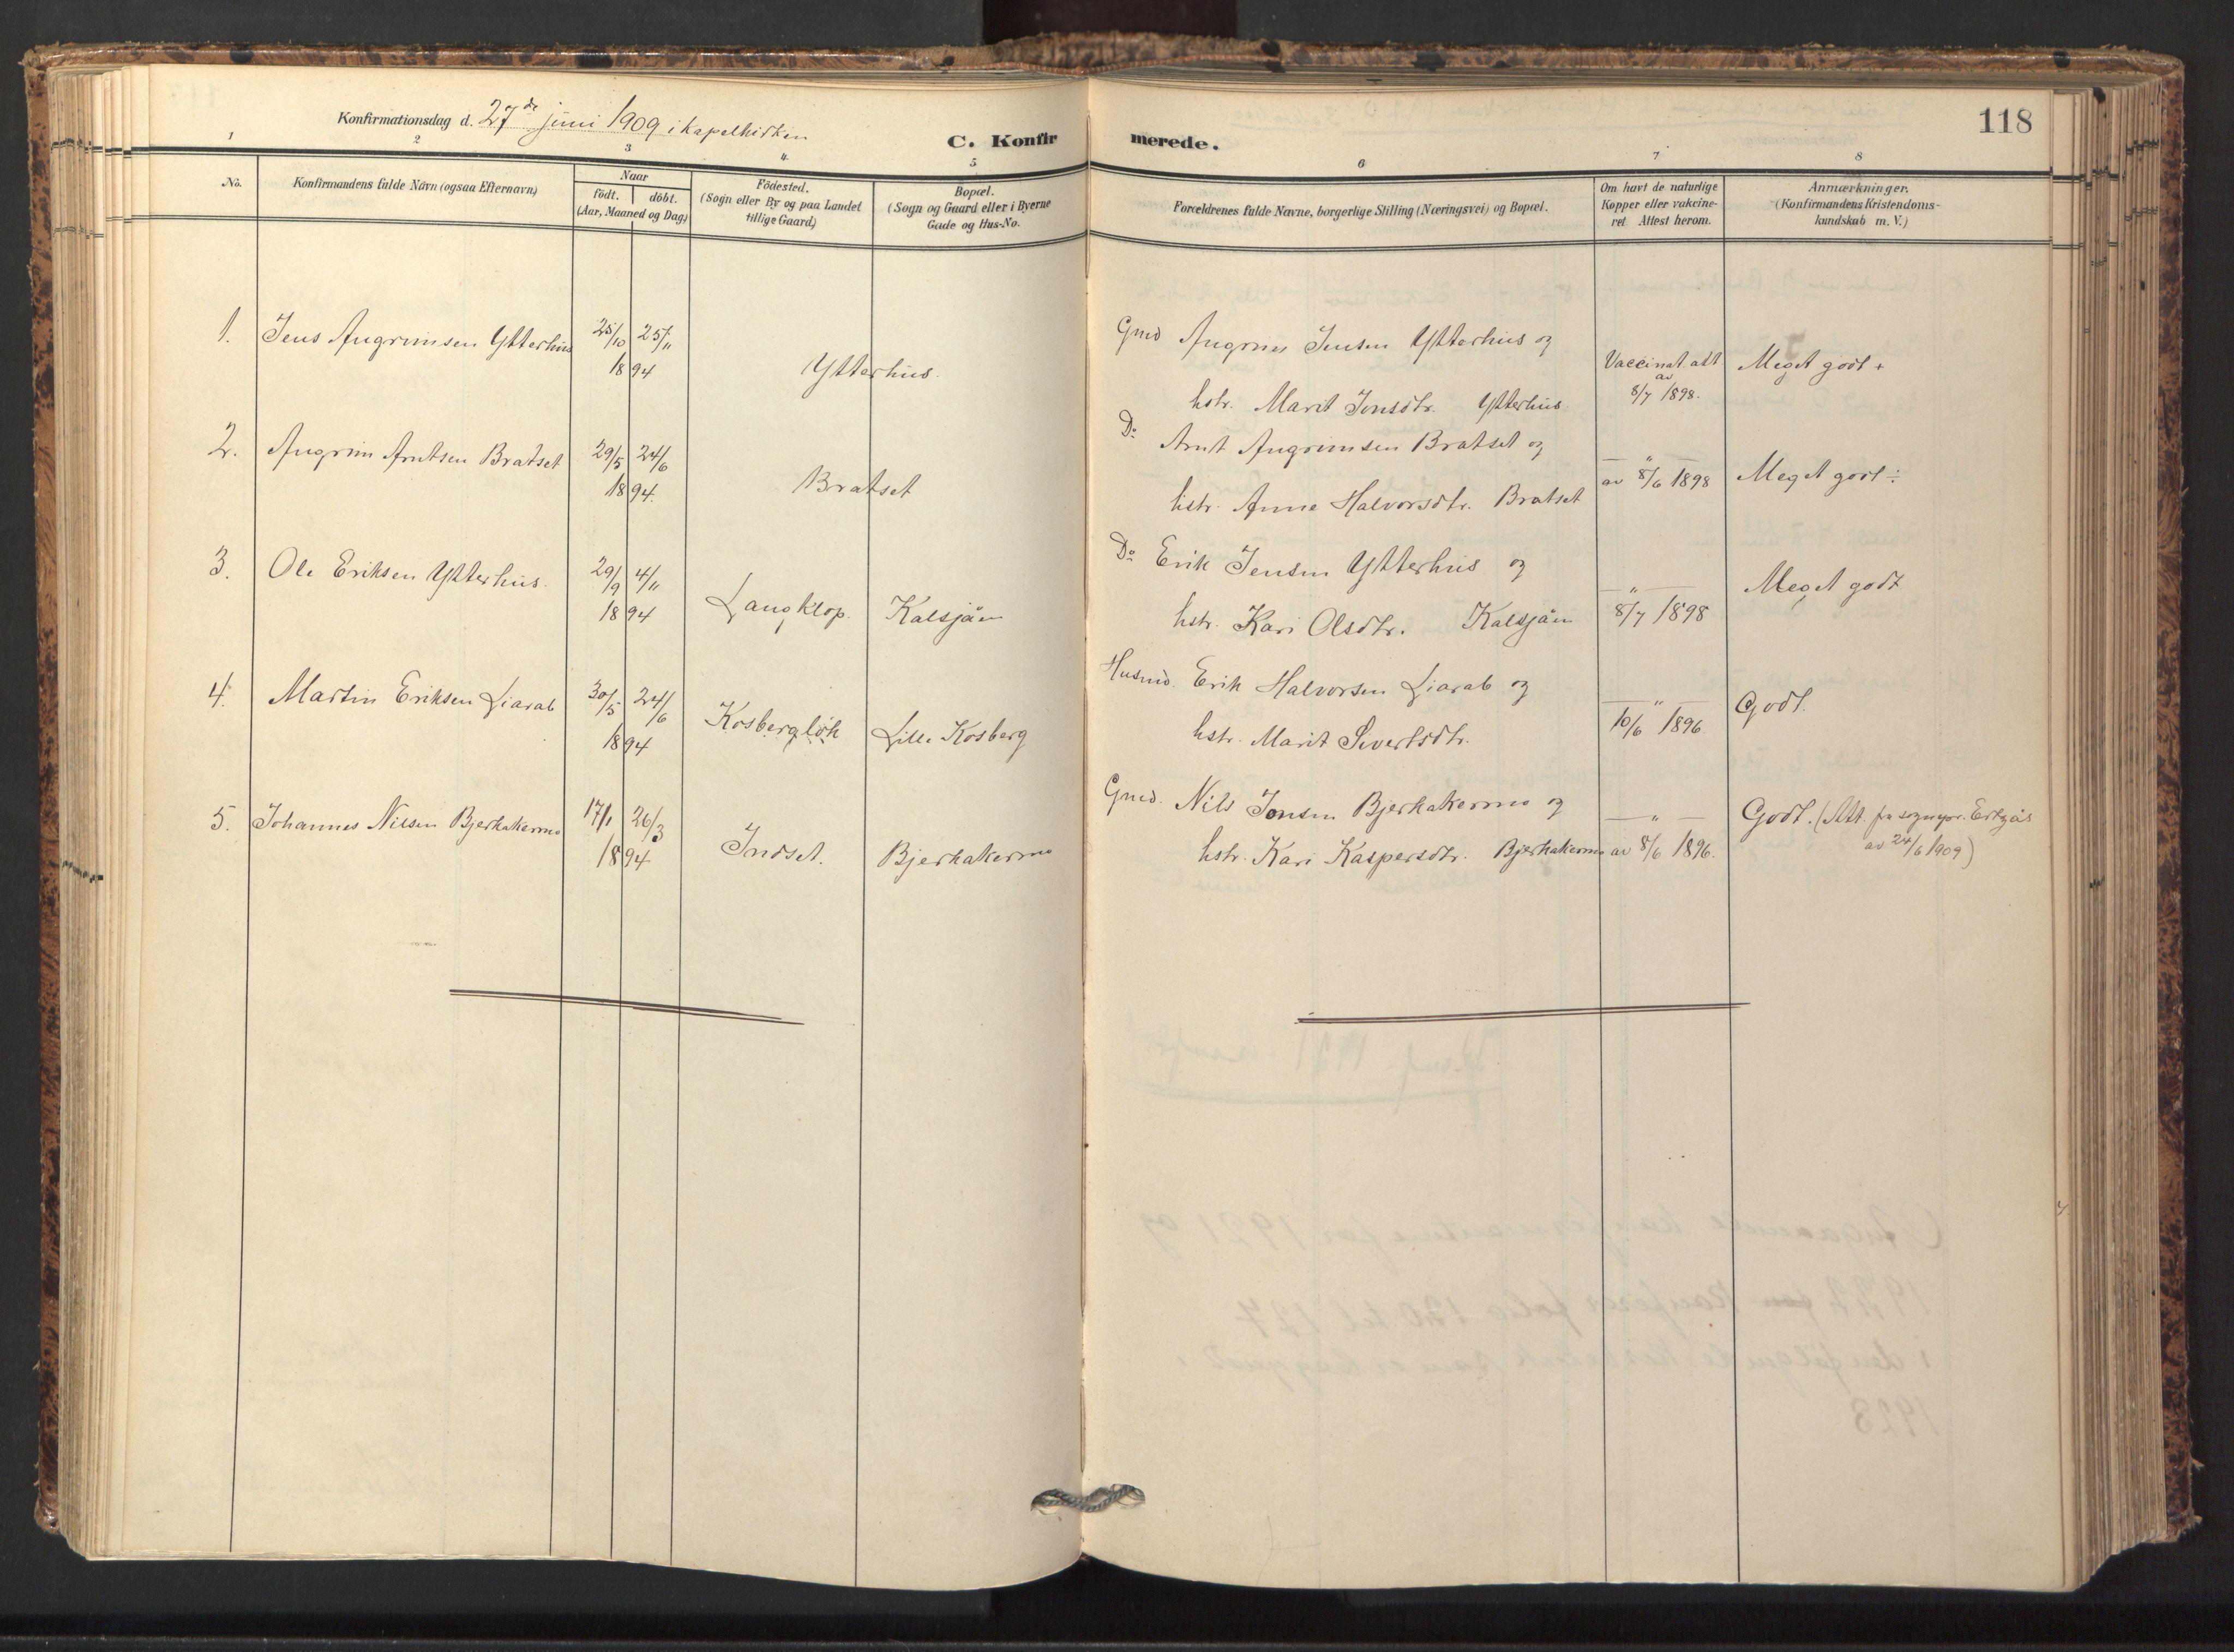 SAT, Ministerialprotokoller, klokkerbøker og fødselsregistre - Sør-Trøndelag, 674/L0873: Ministerialbok nr. 674A05, 1908-1923, s. 118